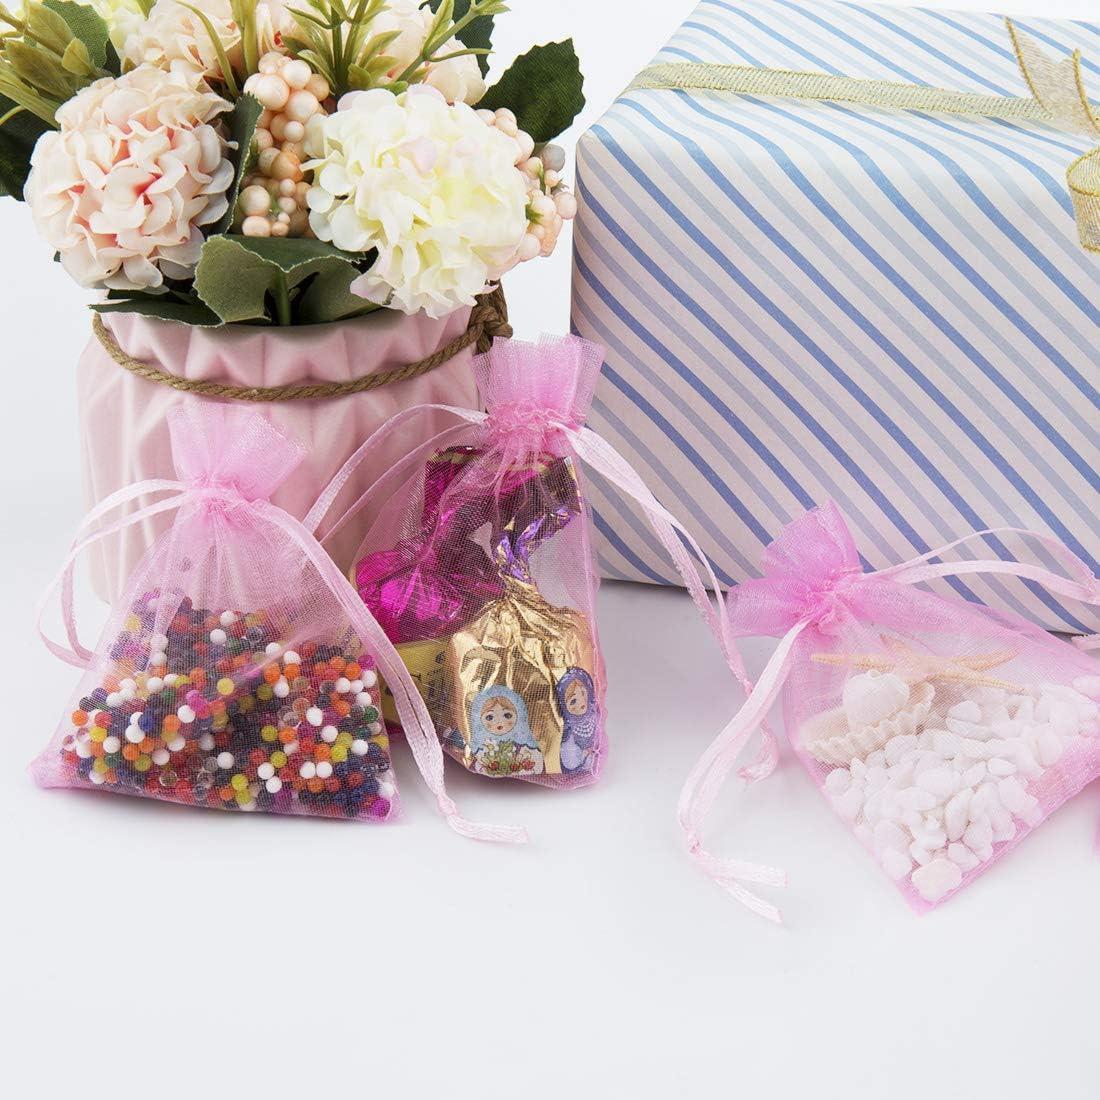 SenPuSi 100Pcs Pochette Sachet Poche Sac Organza Rose Organza Sacs /à Cadeaux pour Favors de Mariage Bijoux F/ête danniversaire Arts et m/étiers Emballage Bonbon